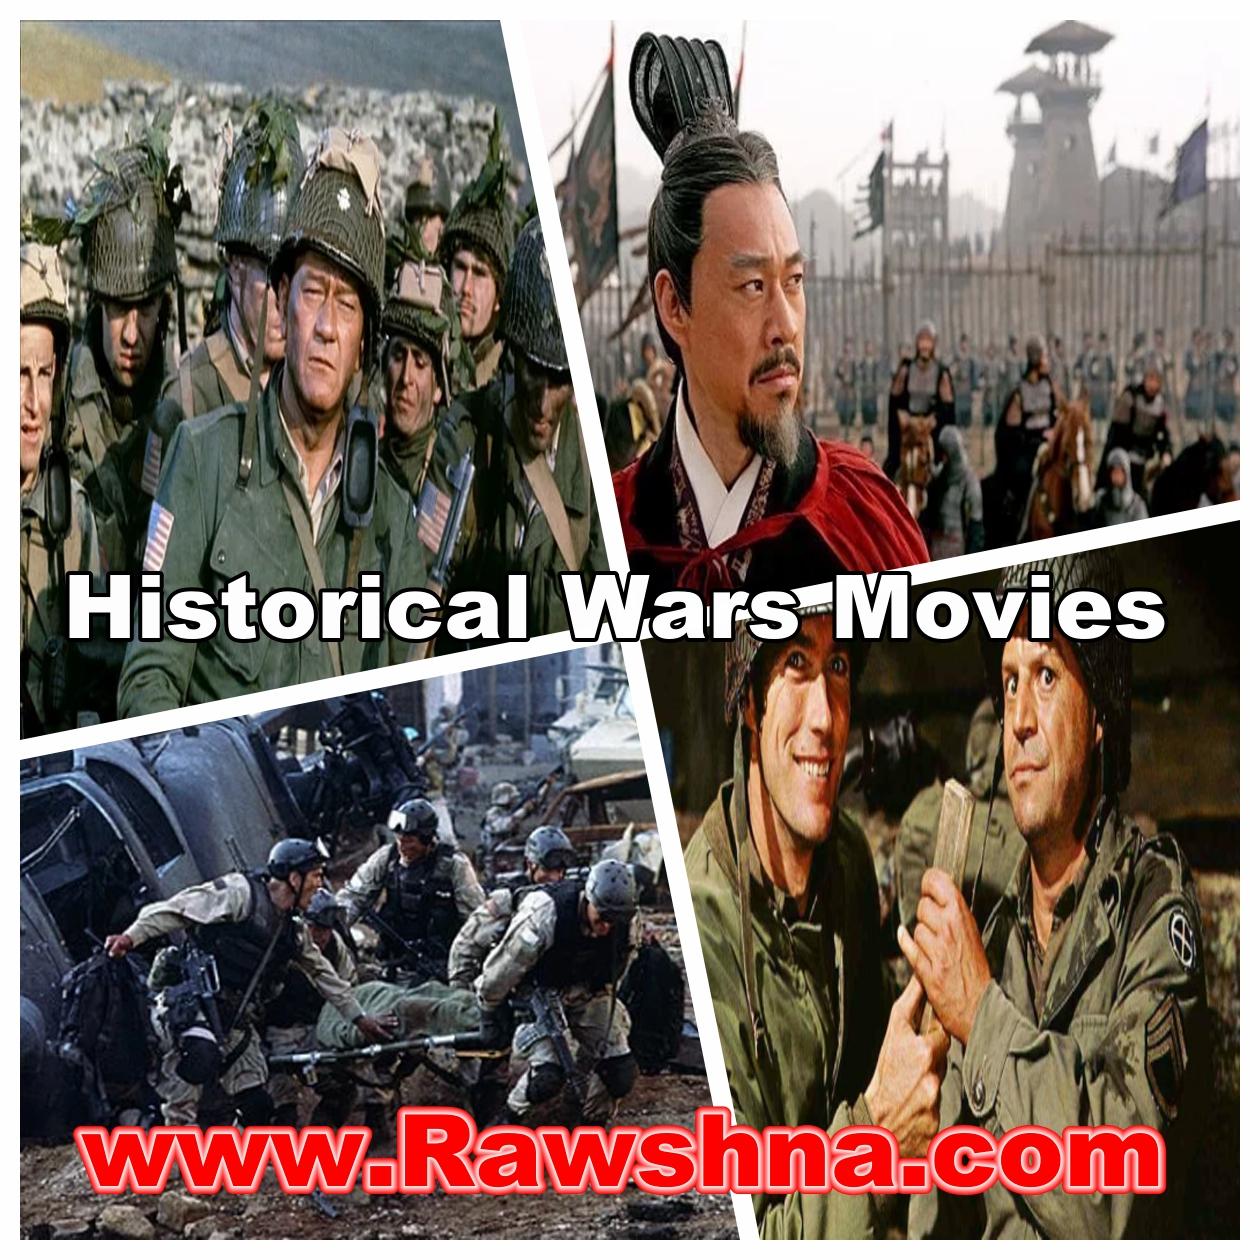 افضل افلام الحروب التاريخية على الإطلاق